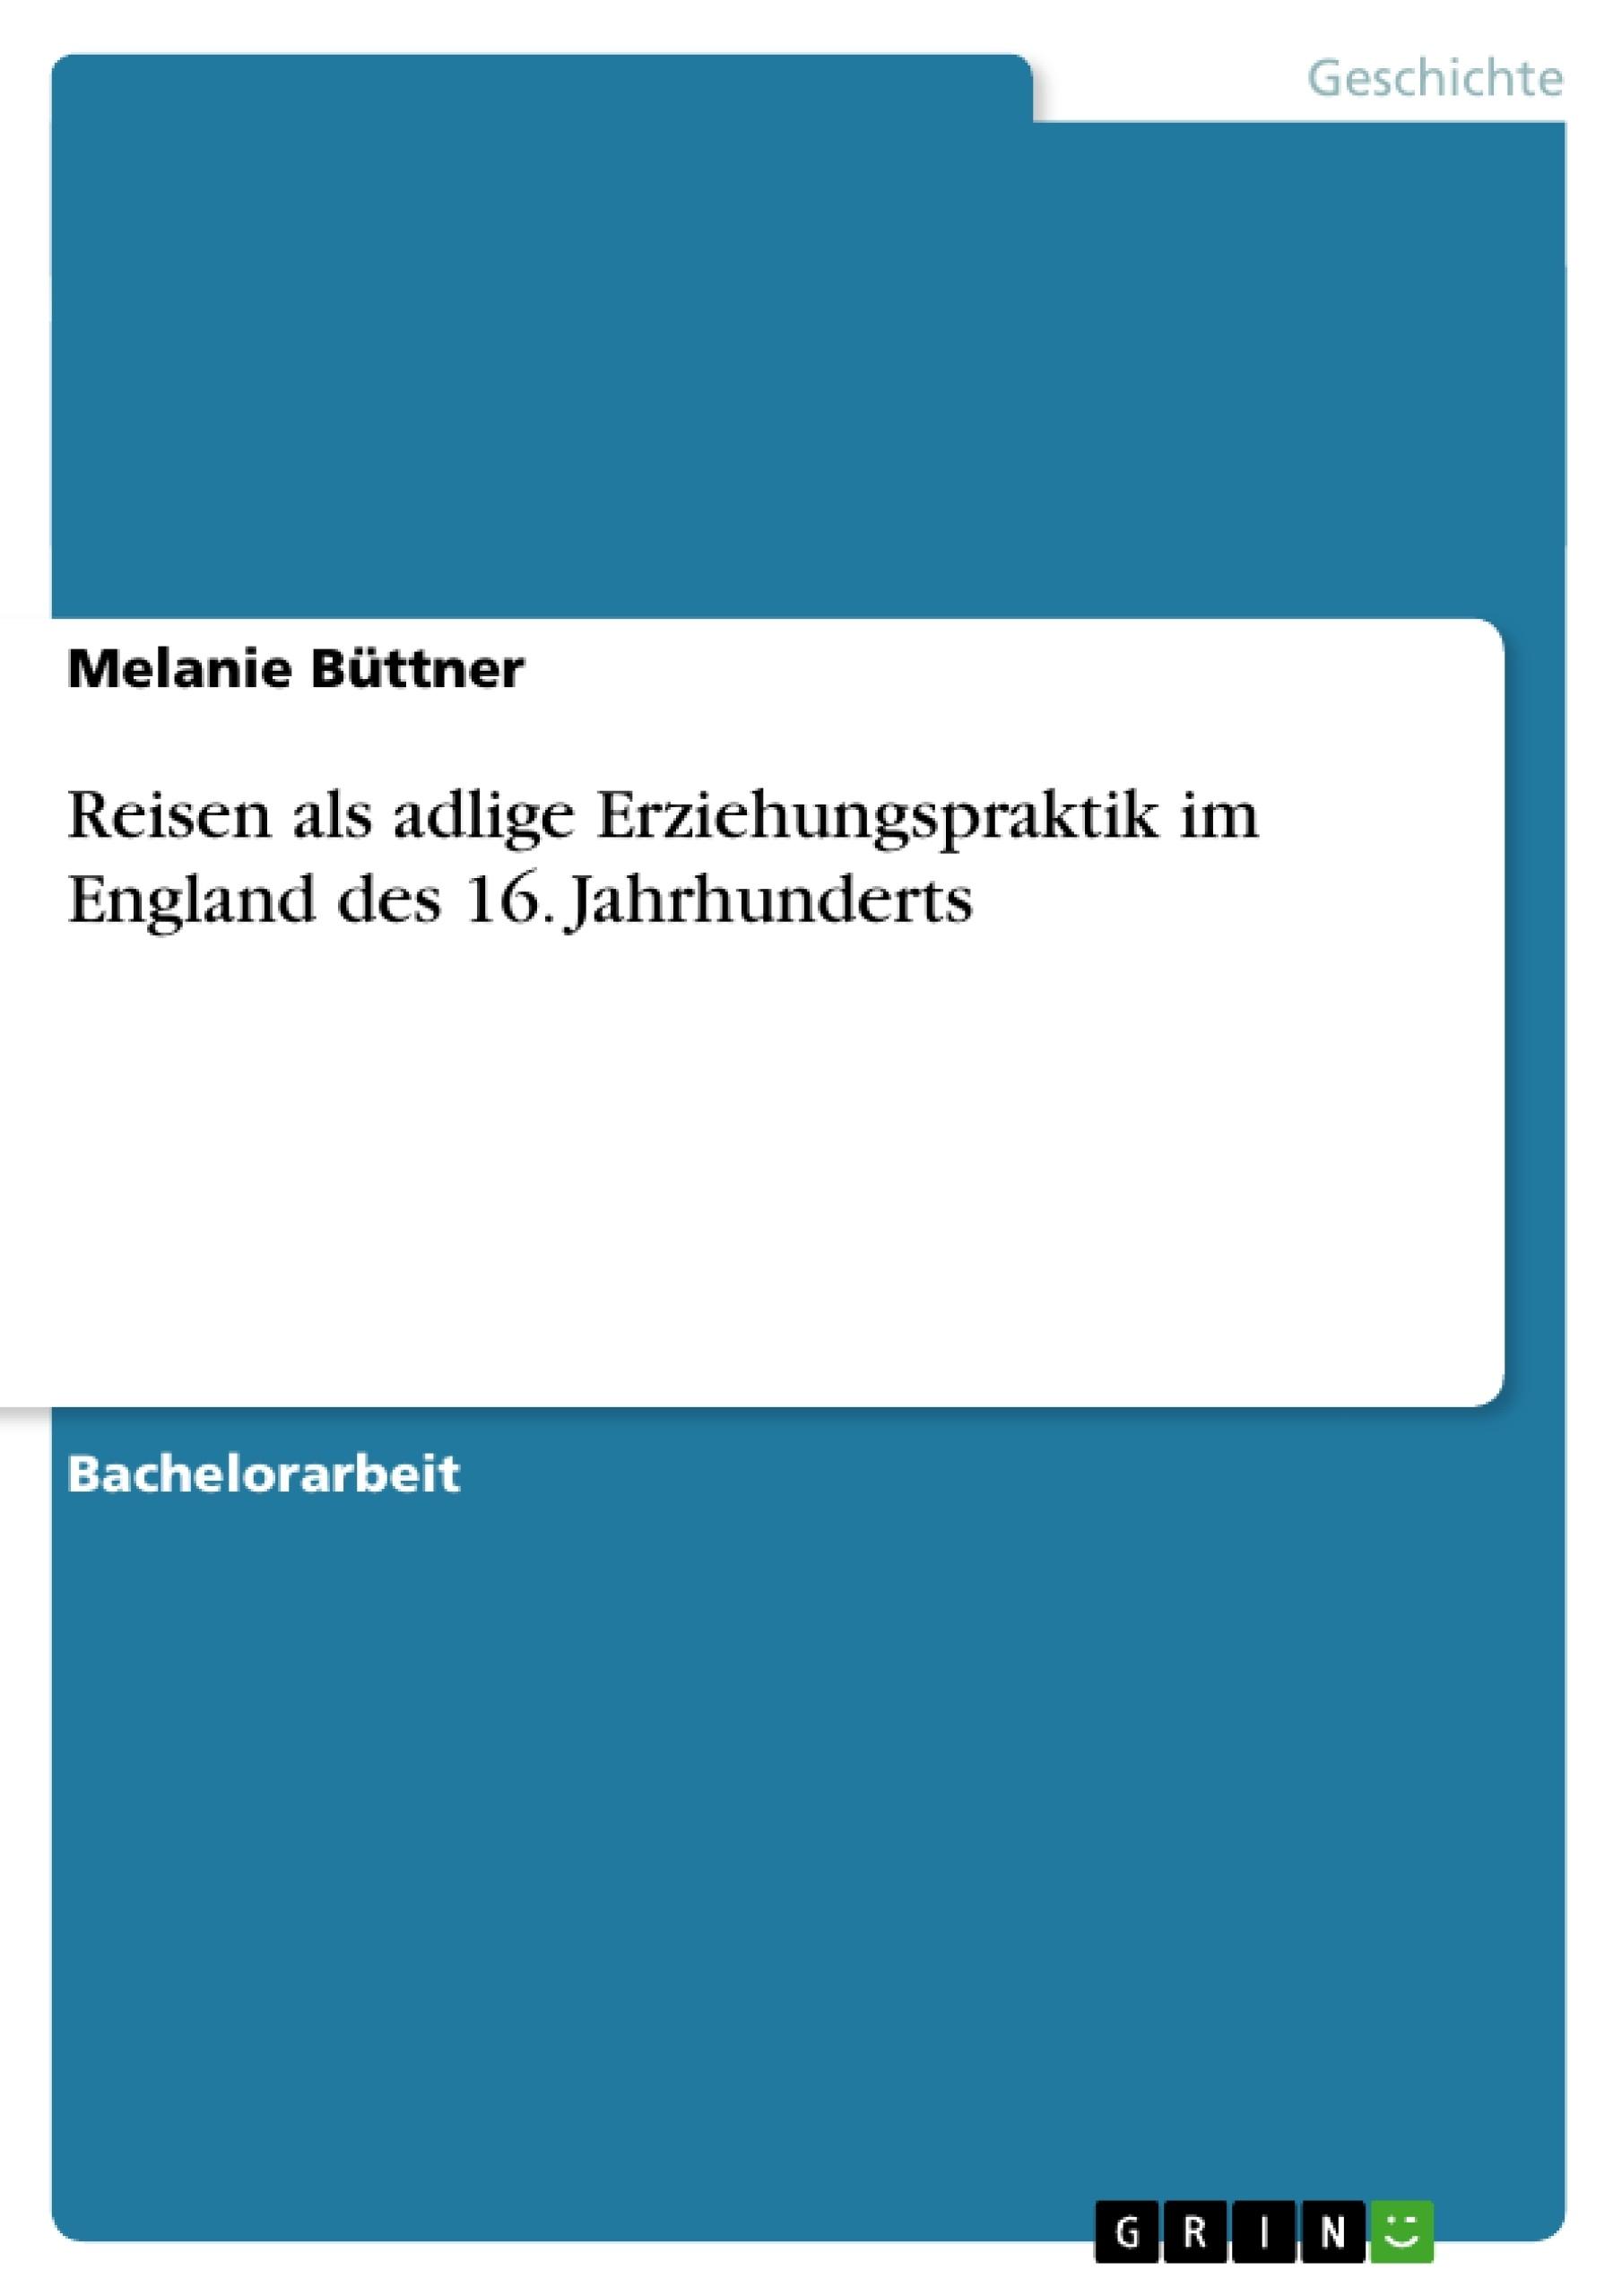 Titel: Reisen als adlige Erziehungspraktik im England des 16. Jahrhunderts